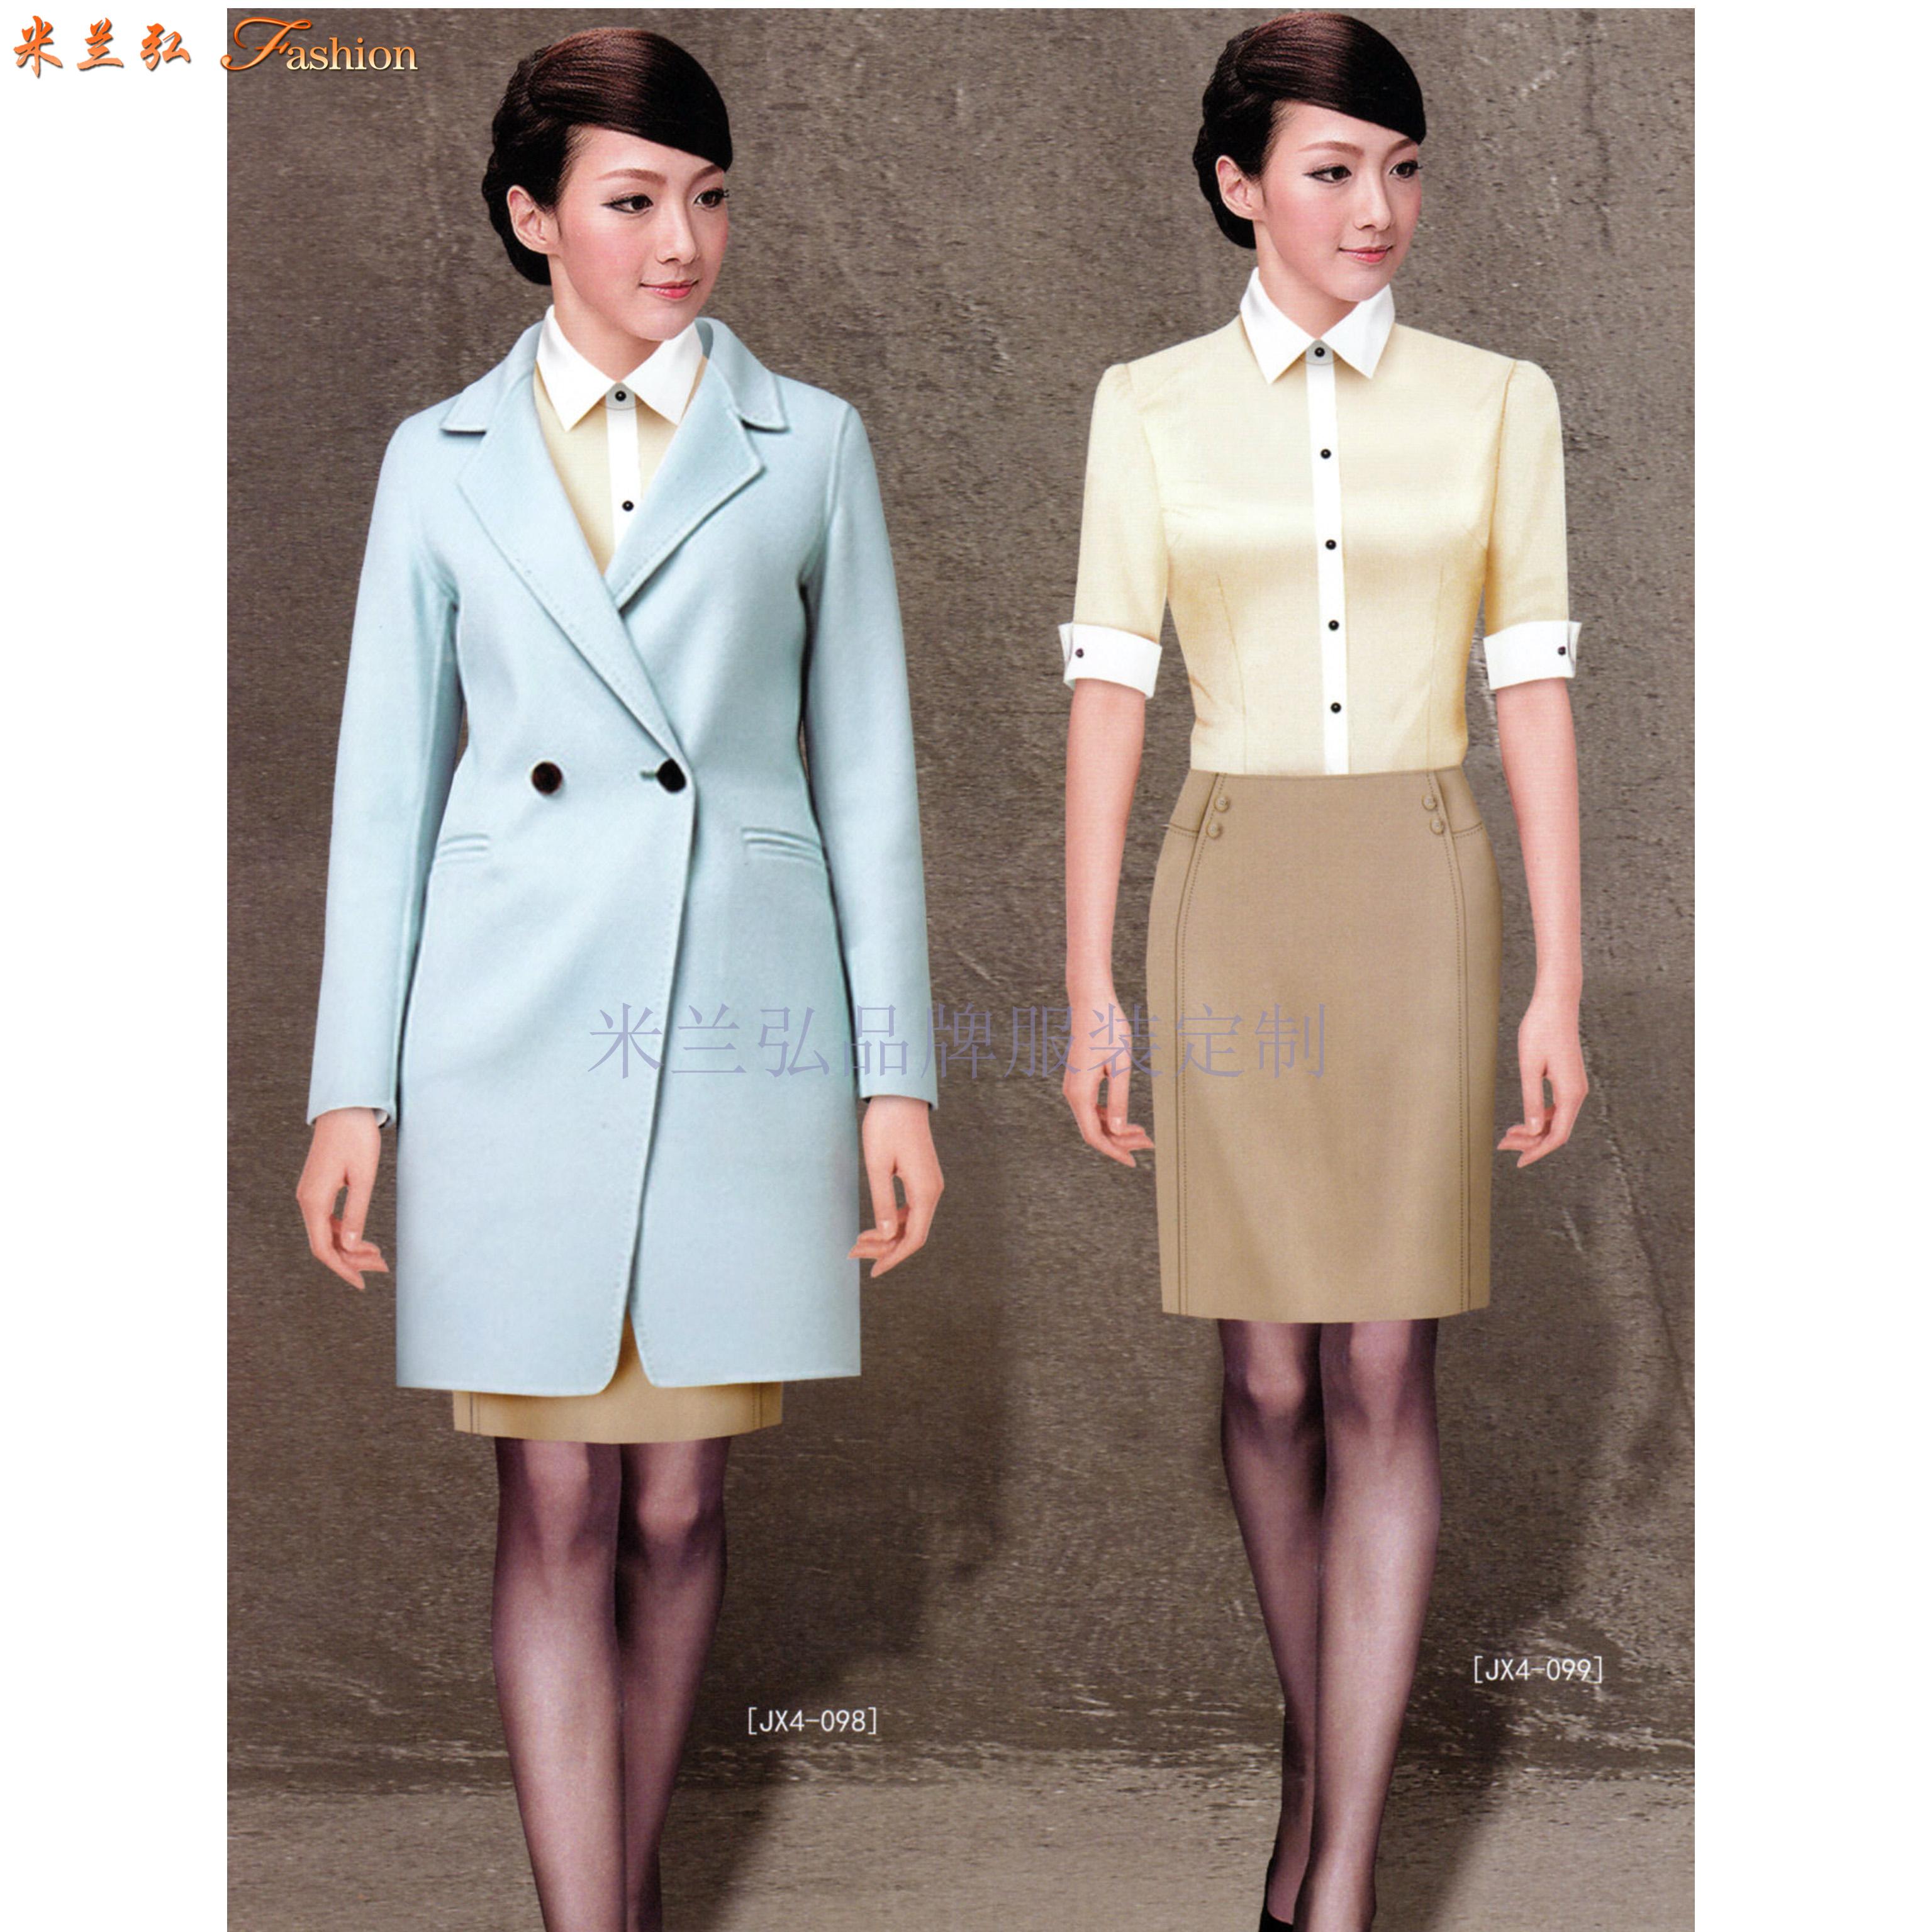 「大衣」北京量體定制訂做呢子羊毛大衣的質優廠家-米蘭弘服裝-4